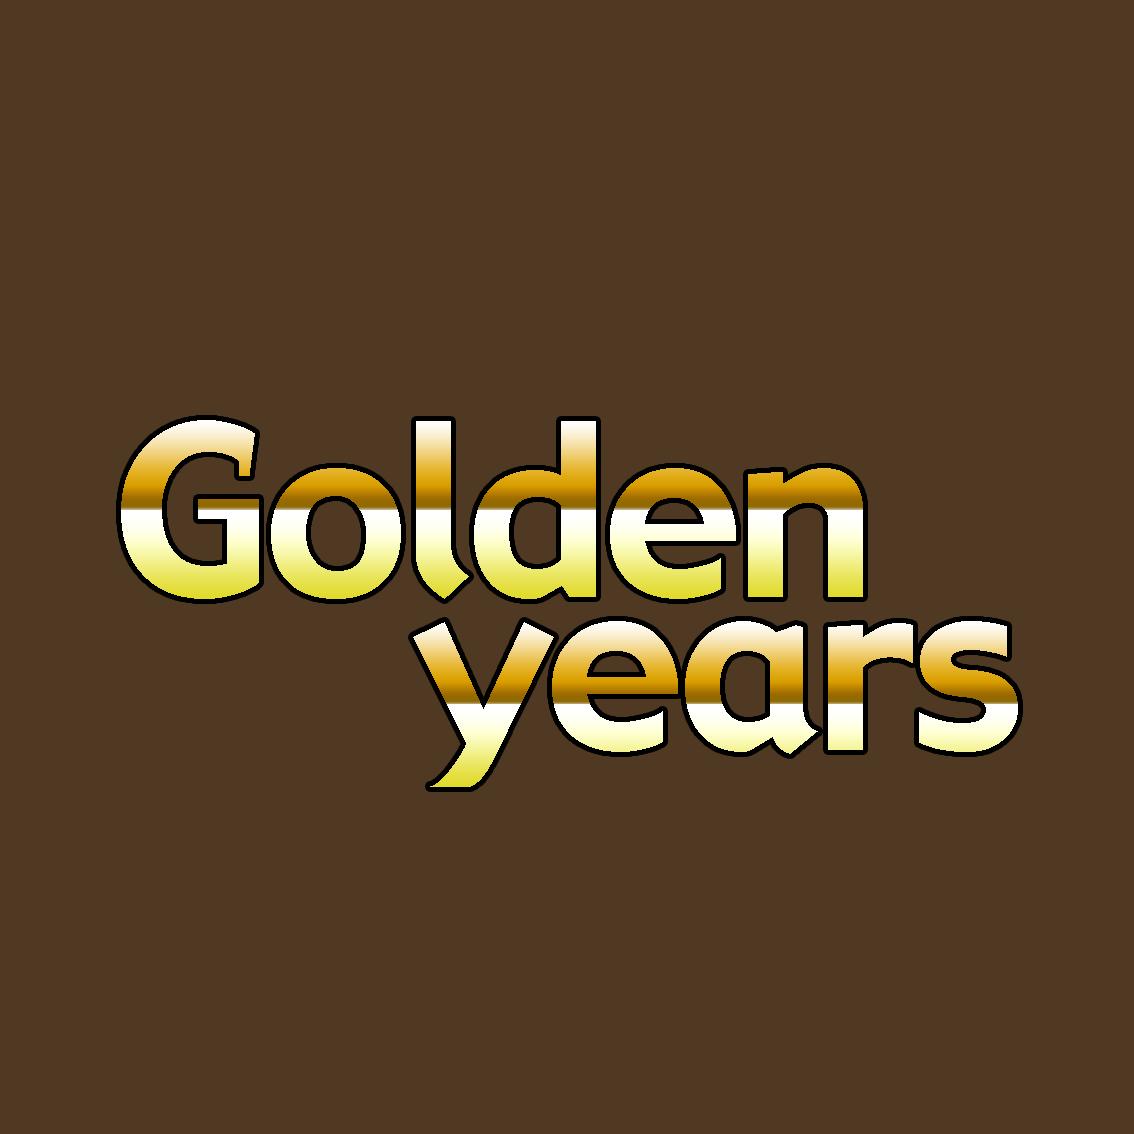 Golden Years….